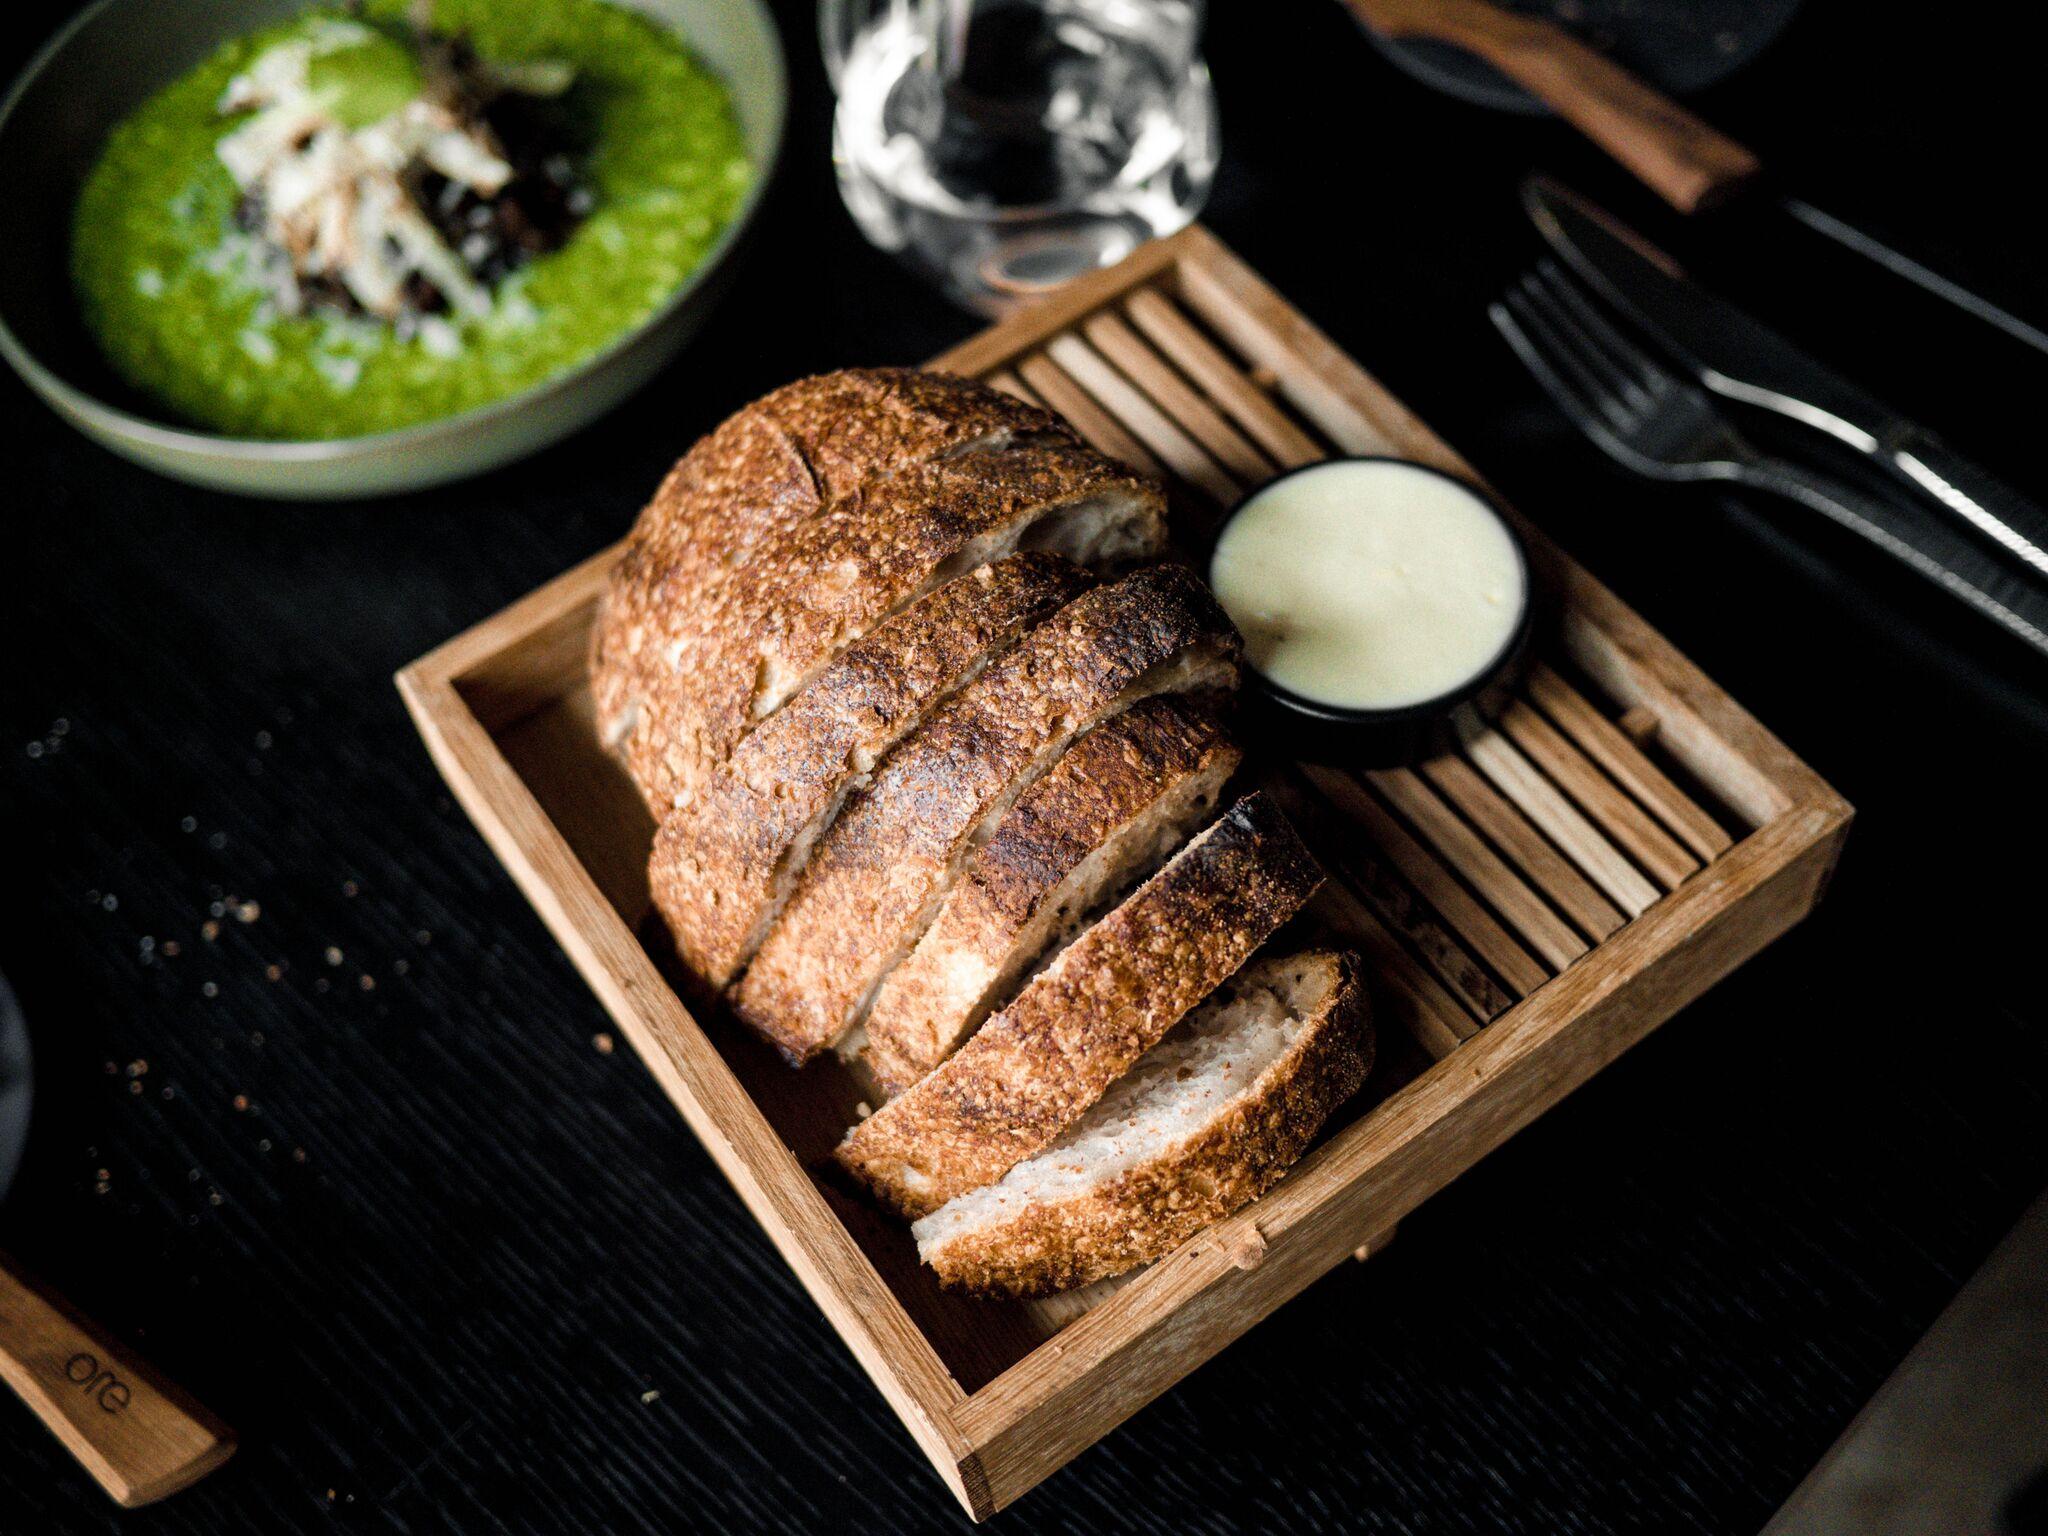 ....  Sai  Tahaks siinkohal tegelikult ka välja tuua ORE leiva, mis on tehtud sourdough'st. Esiteks, seda ei leia eriti tihti restodest. Teiseks, see oli nii hea, et tellisime juurdegi. Soe ja pehme - kiitus!  ..  Bread  Such good bread made of sourdough!  ....